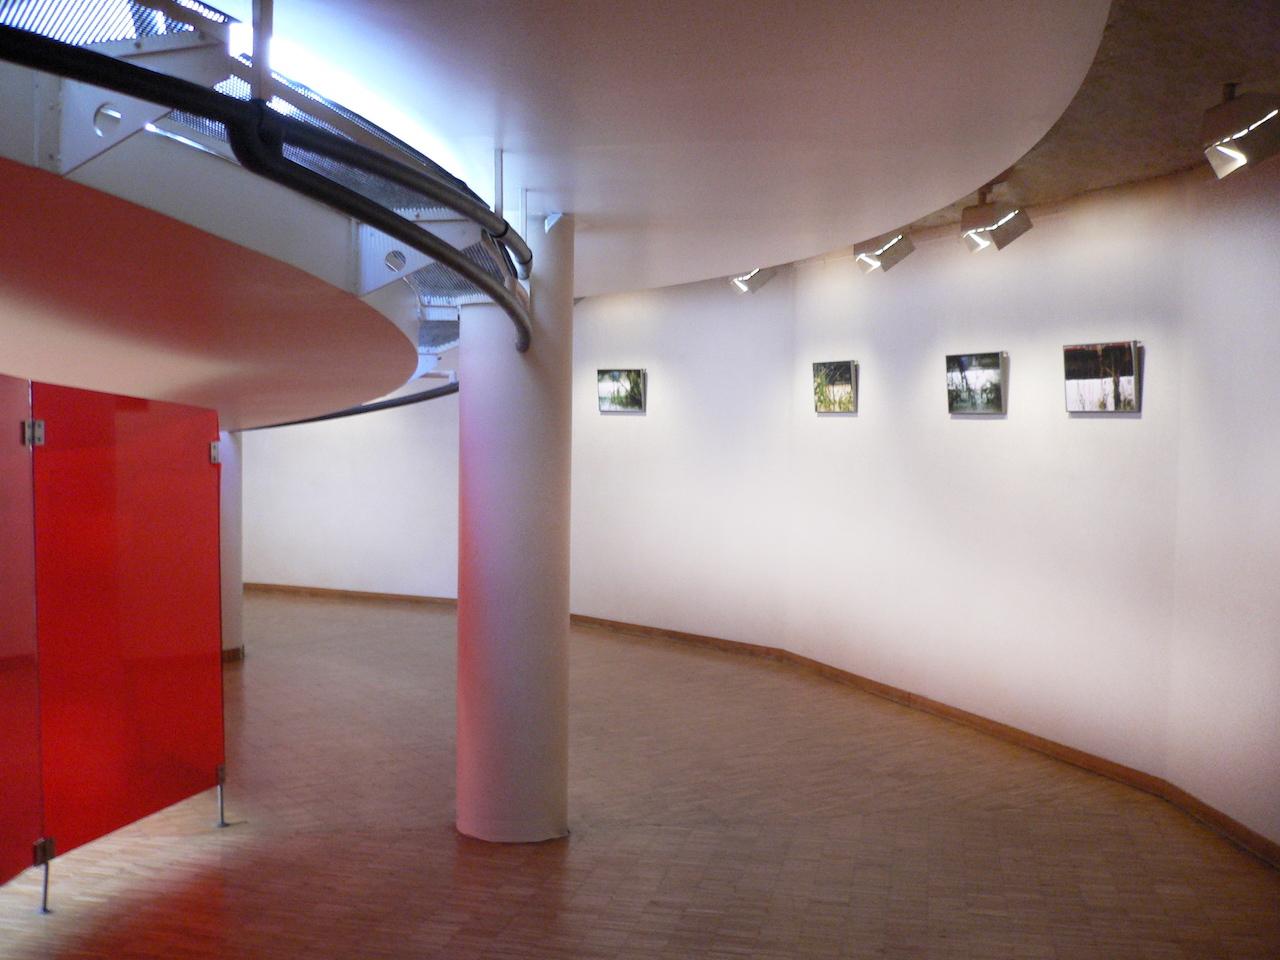 Centre culturel A.Malraux-La dimension cachee-Le Kremlin Bicetre.2010.JPG